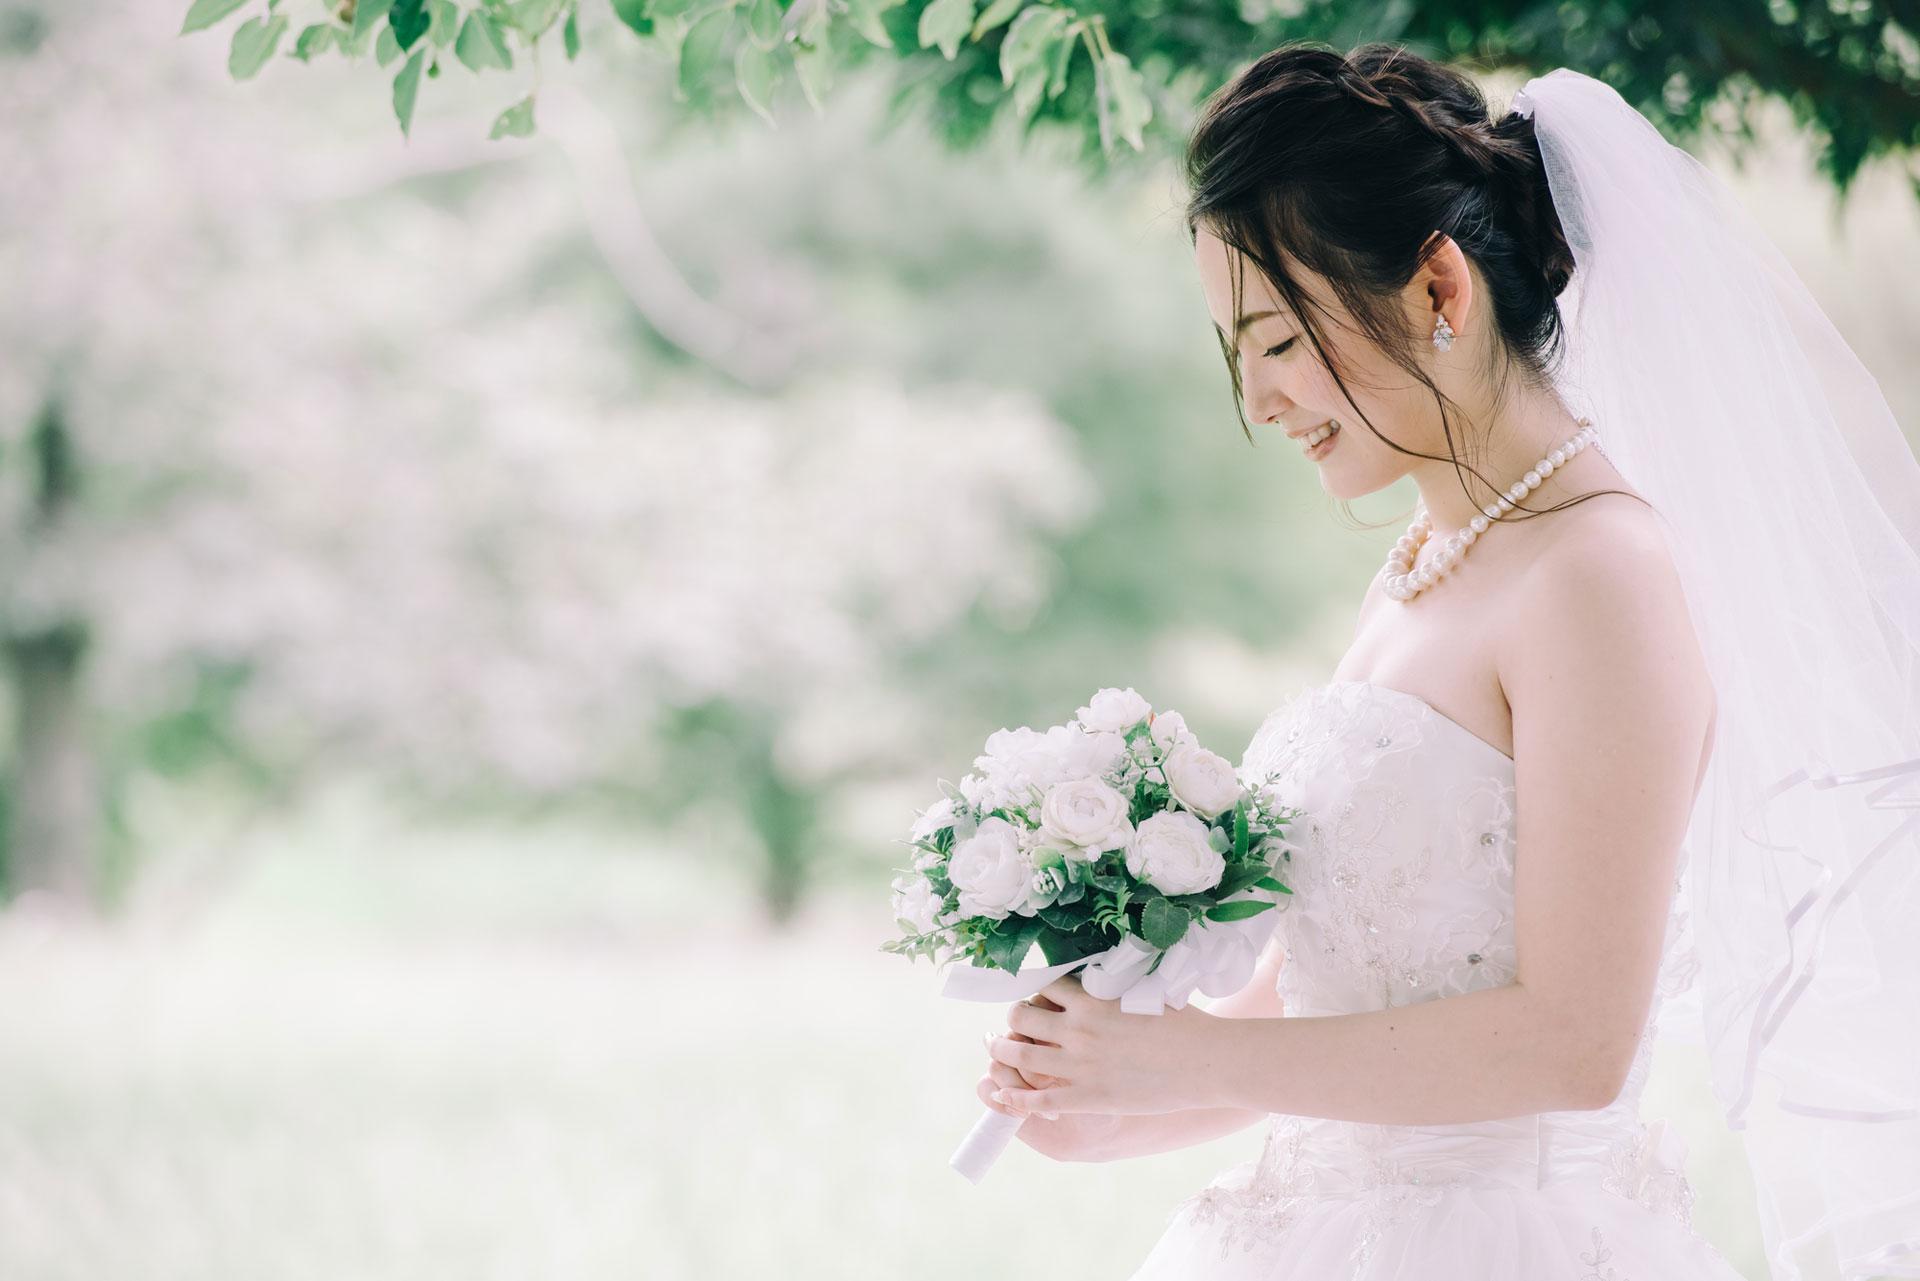 愛知県一宮市の結婚相談所アイシンマリアージュイメージ2